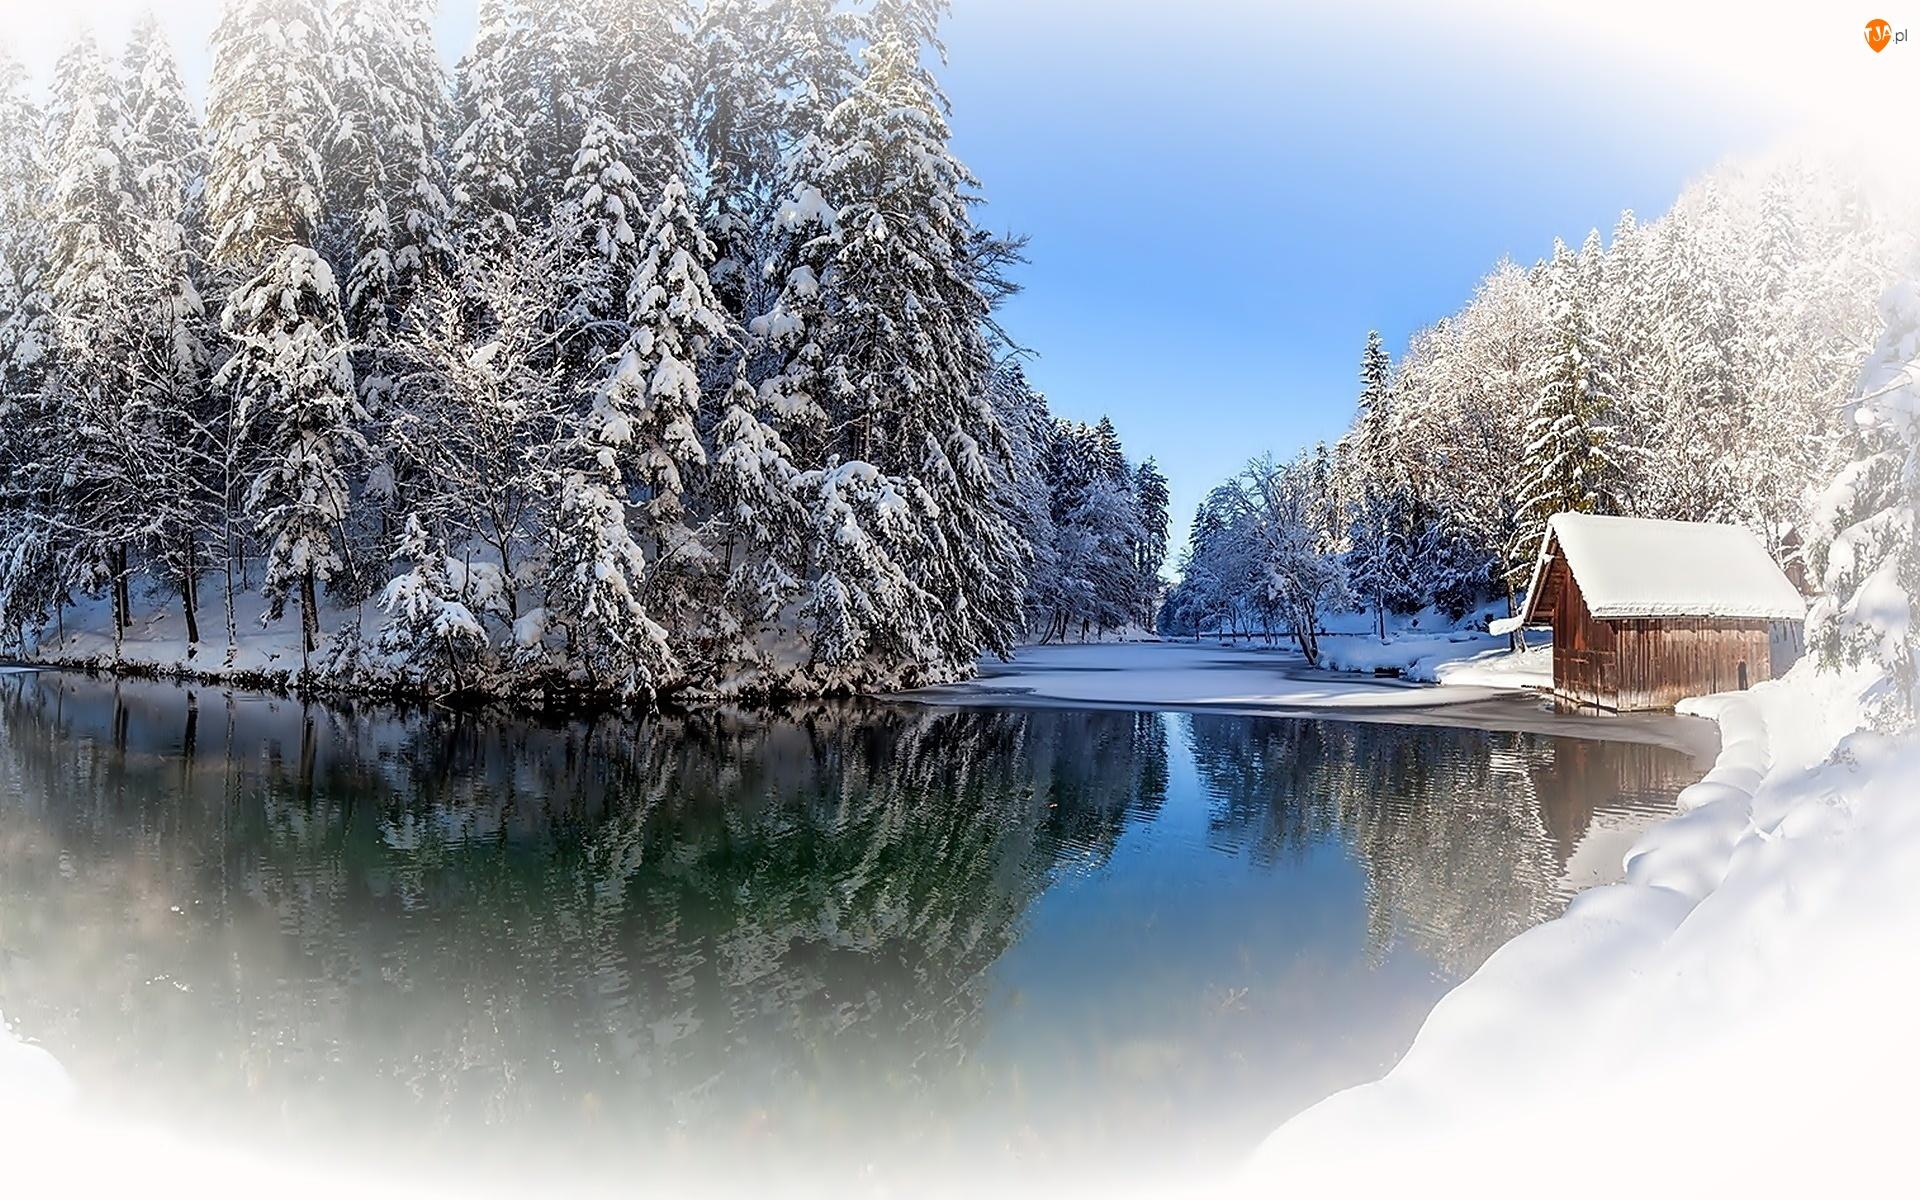 Drzewa, Zima, Jezioro, Śnieg, Domek